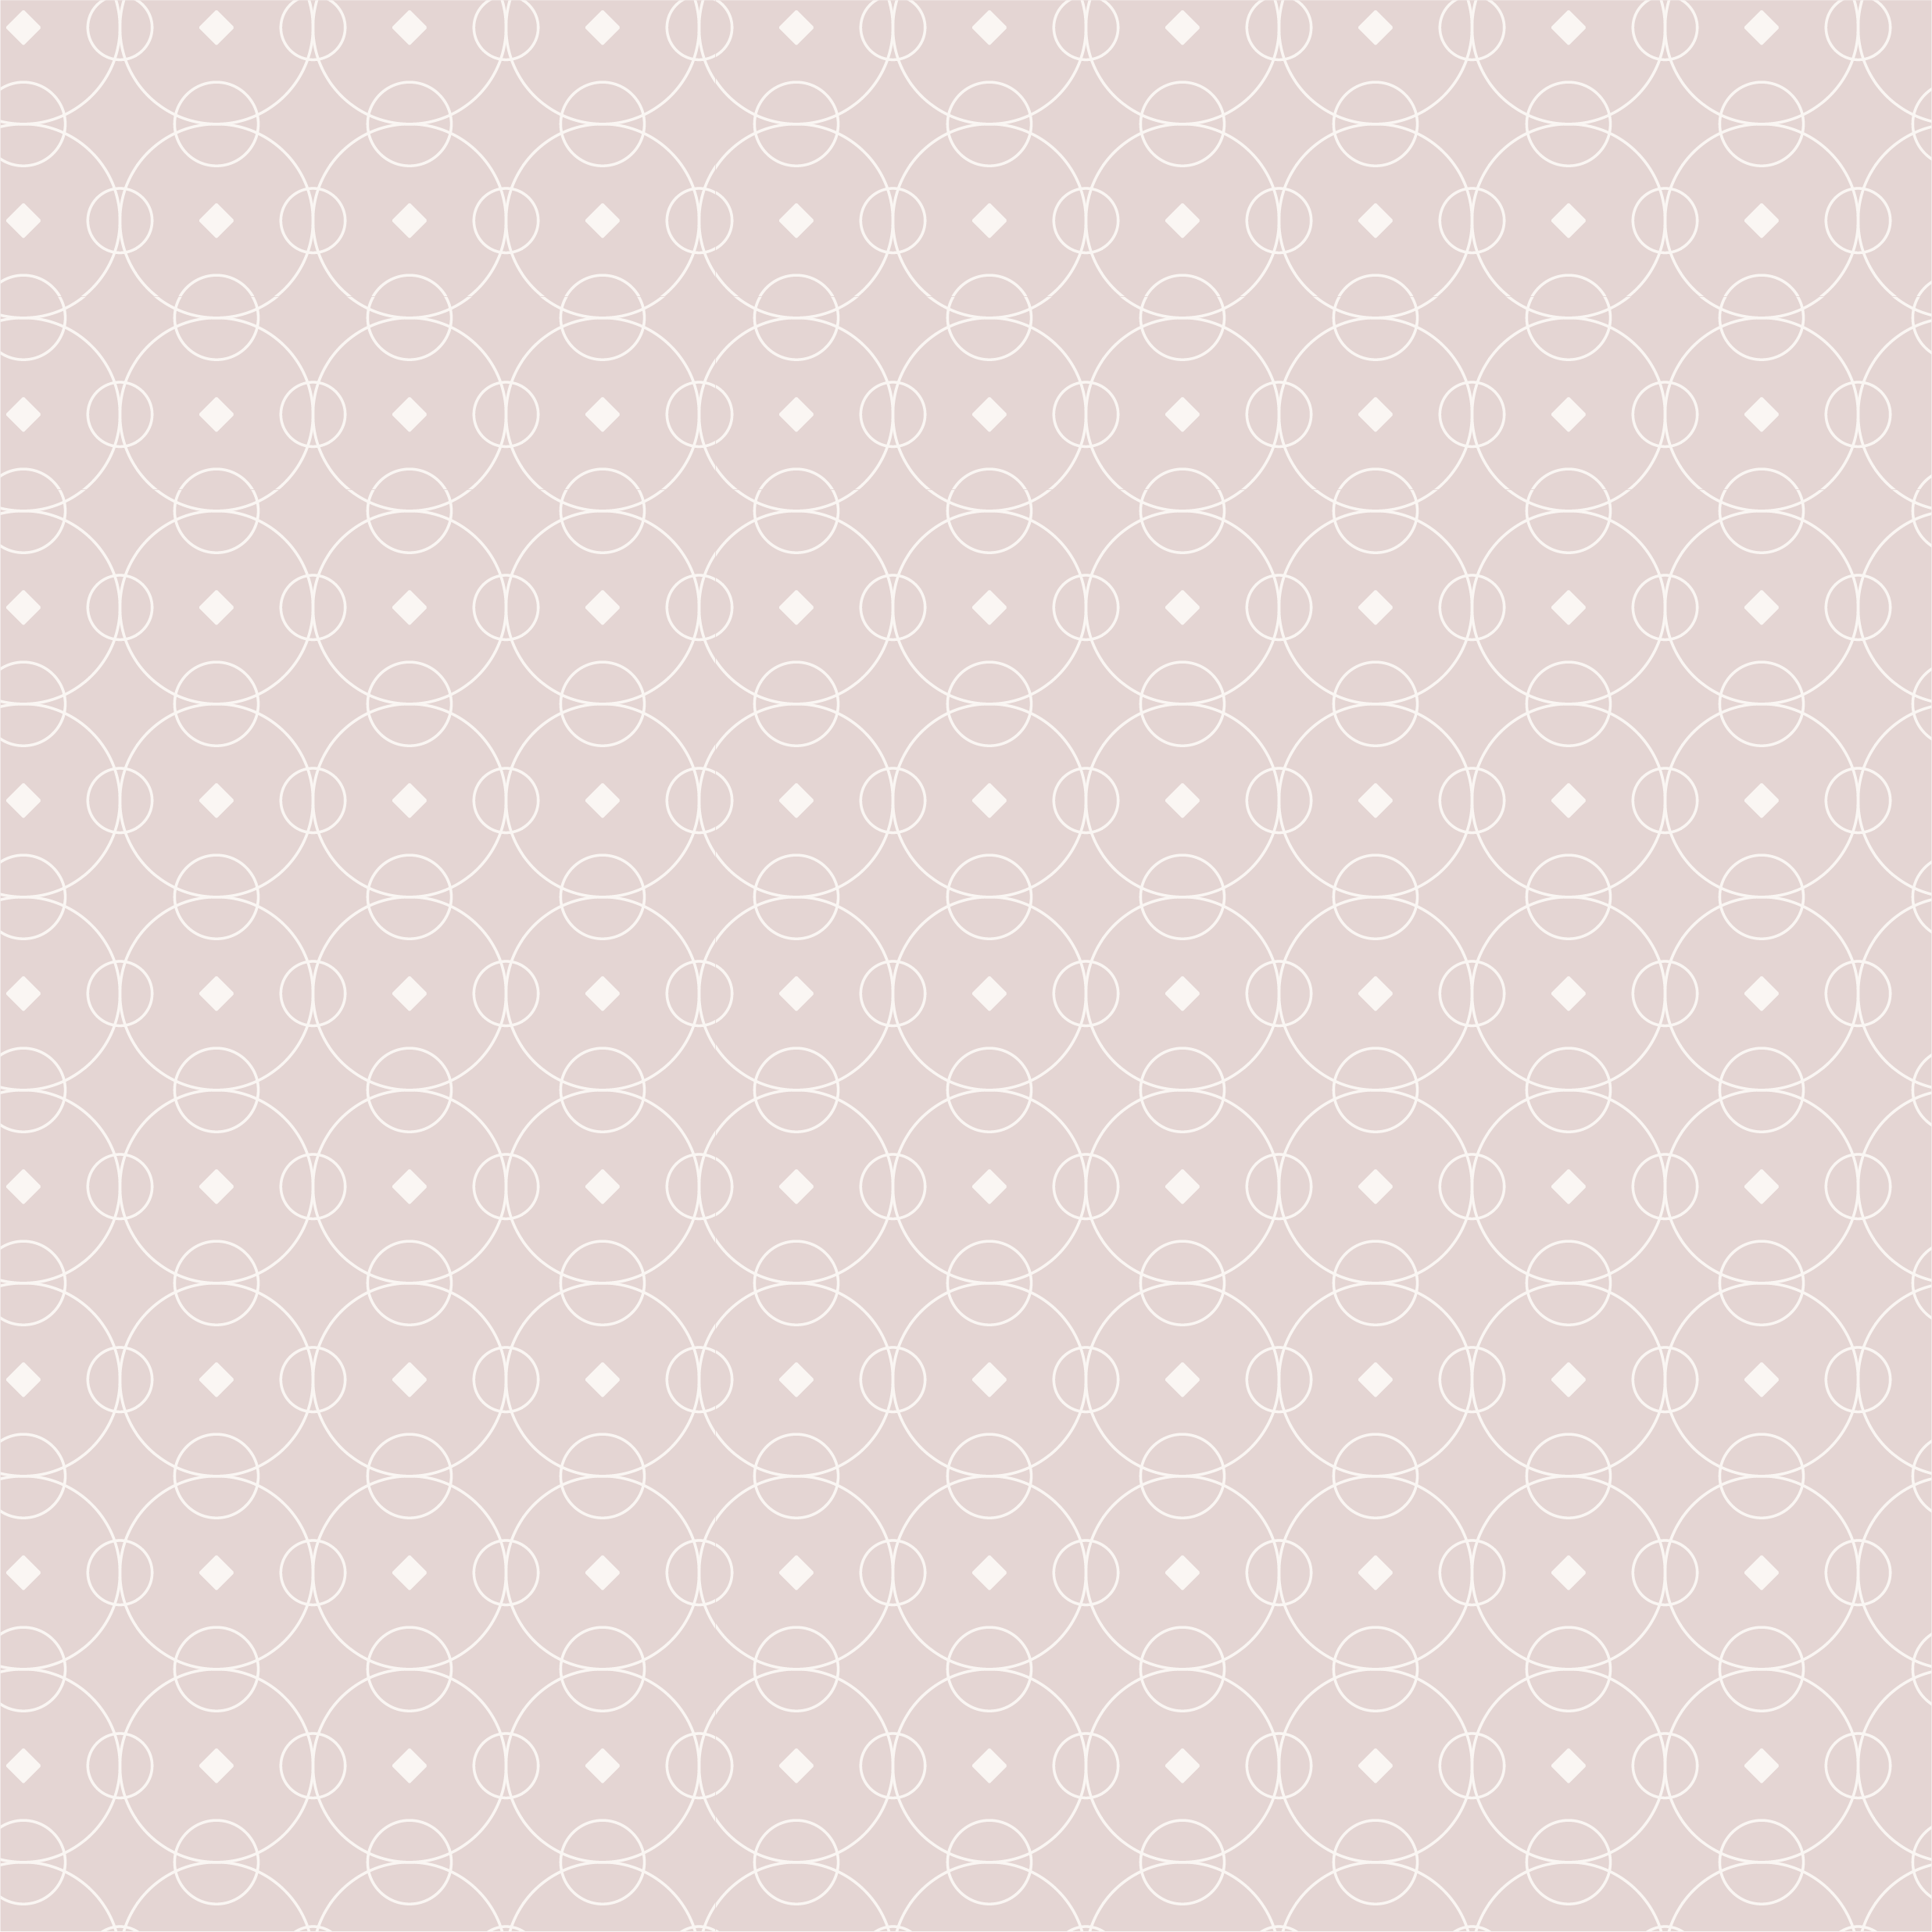 Pattern wzór firmowy Agnieszka Kudela | Portfolio Moyemu | Identyfikacja wizualna, logo dla firmy, papeteria firmowa, materiały firmowe, grafiki reklamowe